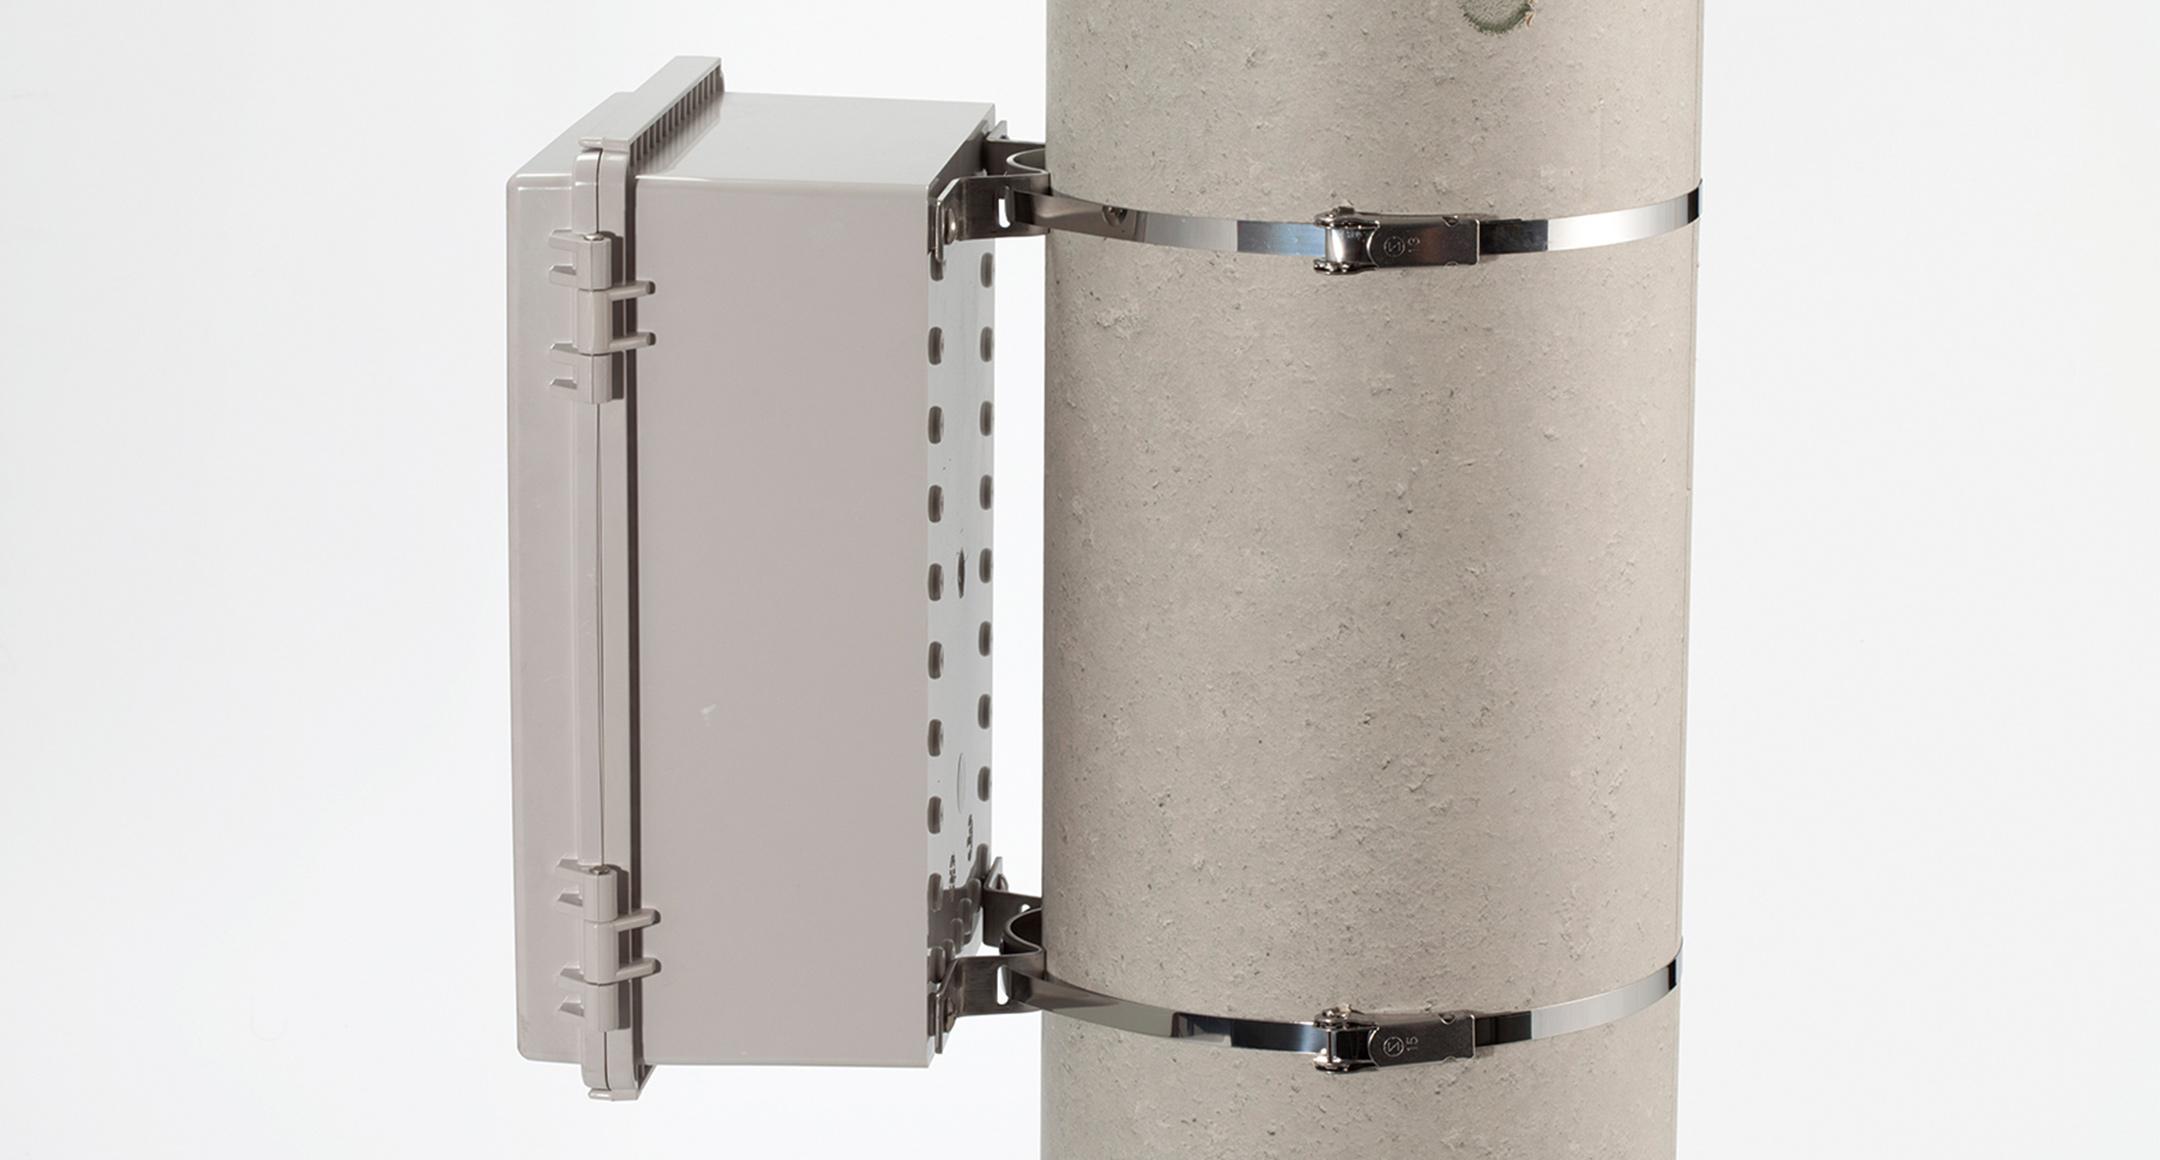 ポール取付金具 SSKシリーズ (BCAP・BCPC・BCPK・BCAR・BCPRシリーズ用)の画像